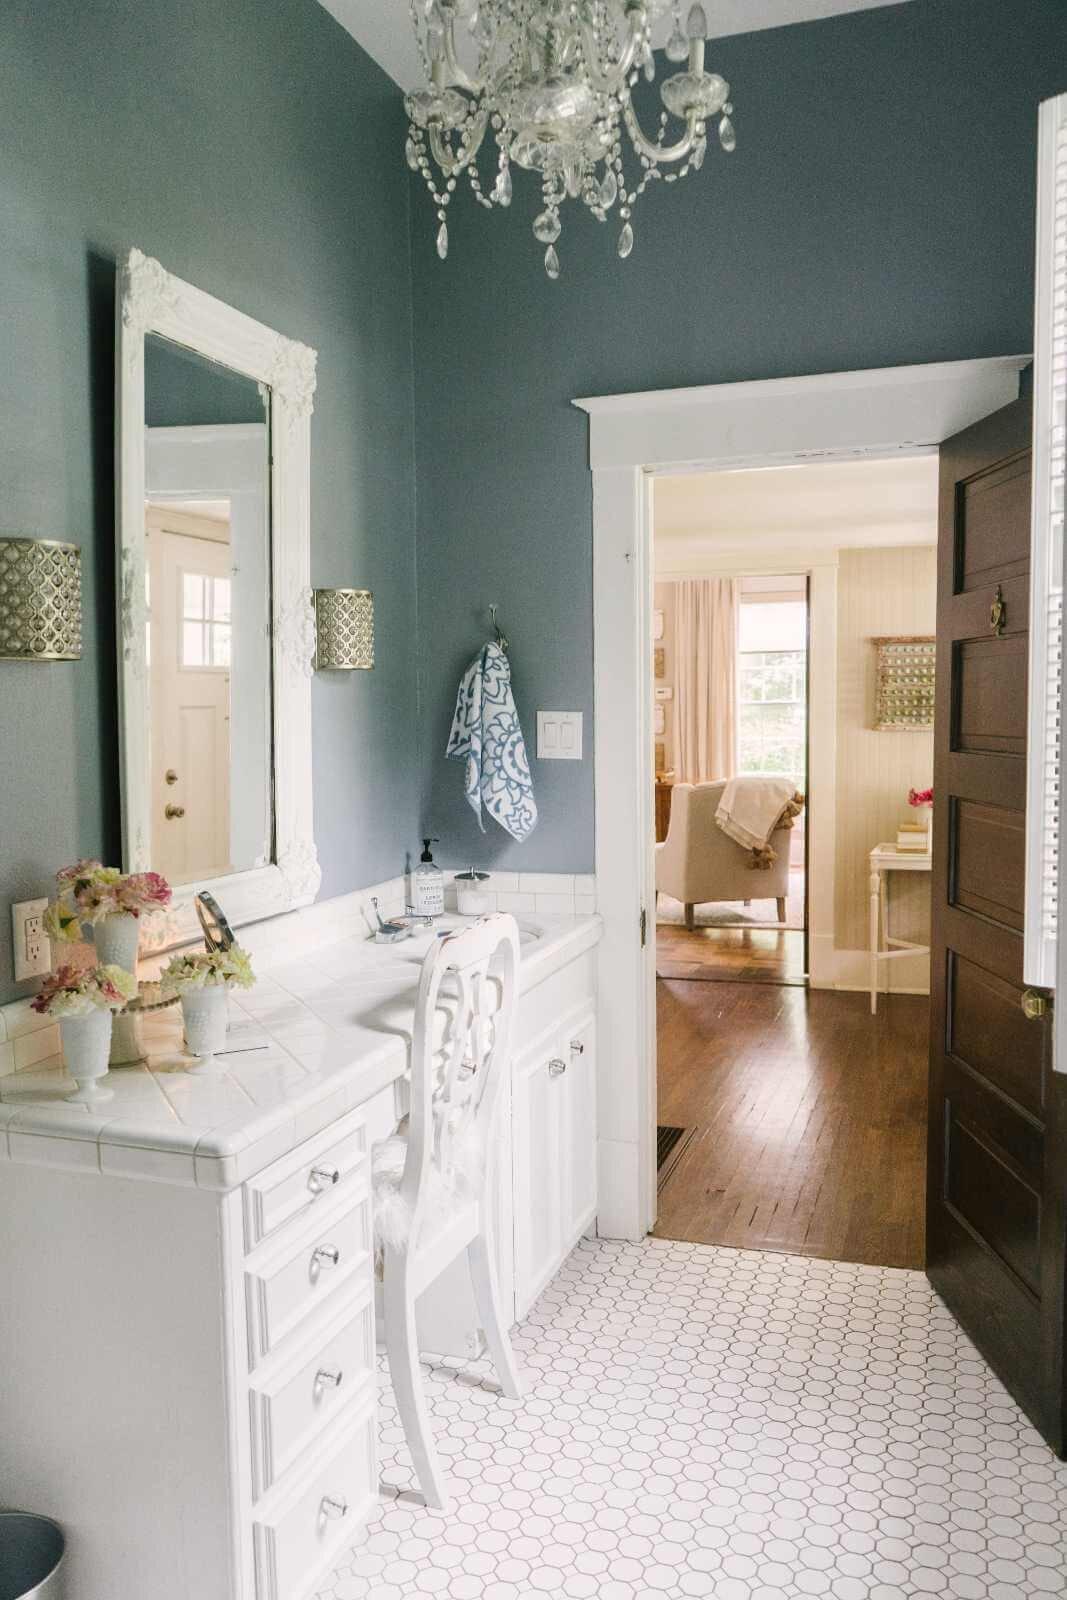 蓟木农场家庭之旅- 110年的农舍与优雅的风格-浅蓝色浴室